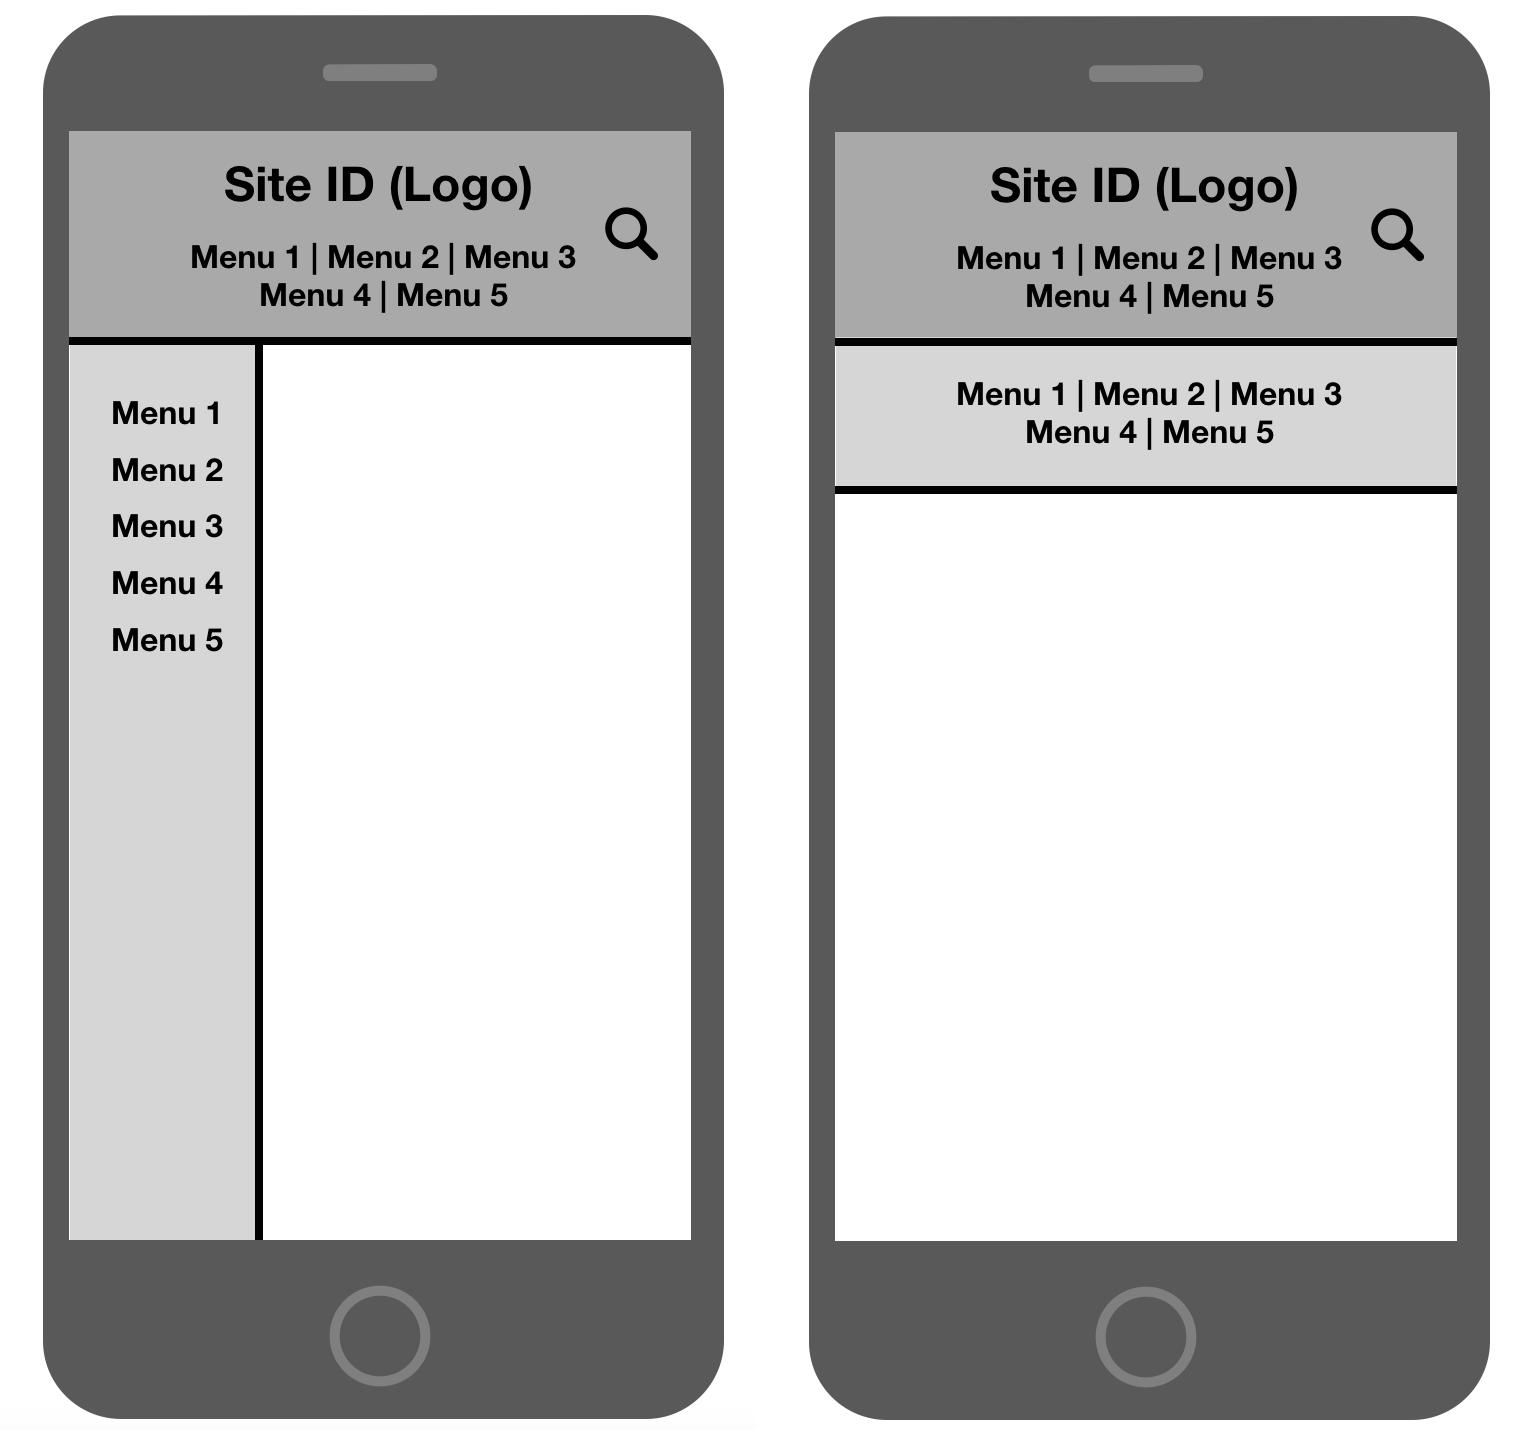 スマートフォンでの複数ナビゲーションの同時表示